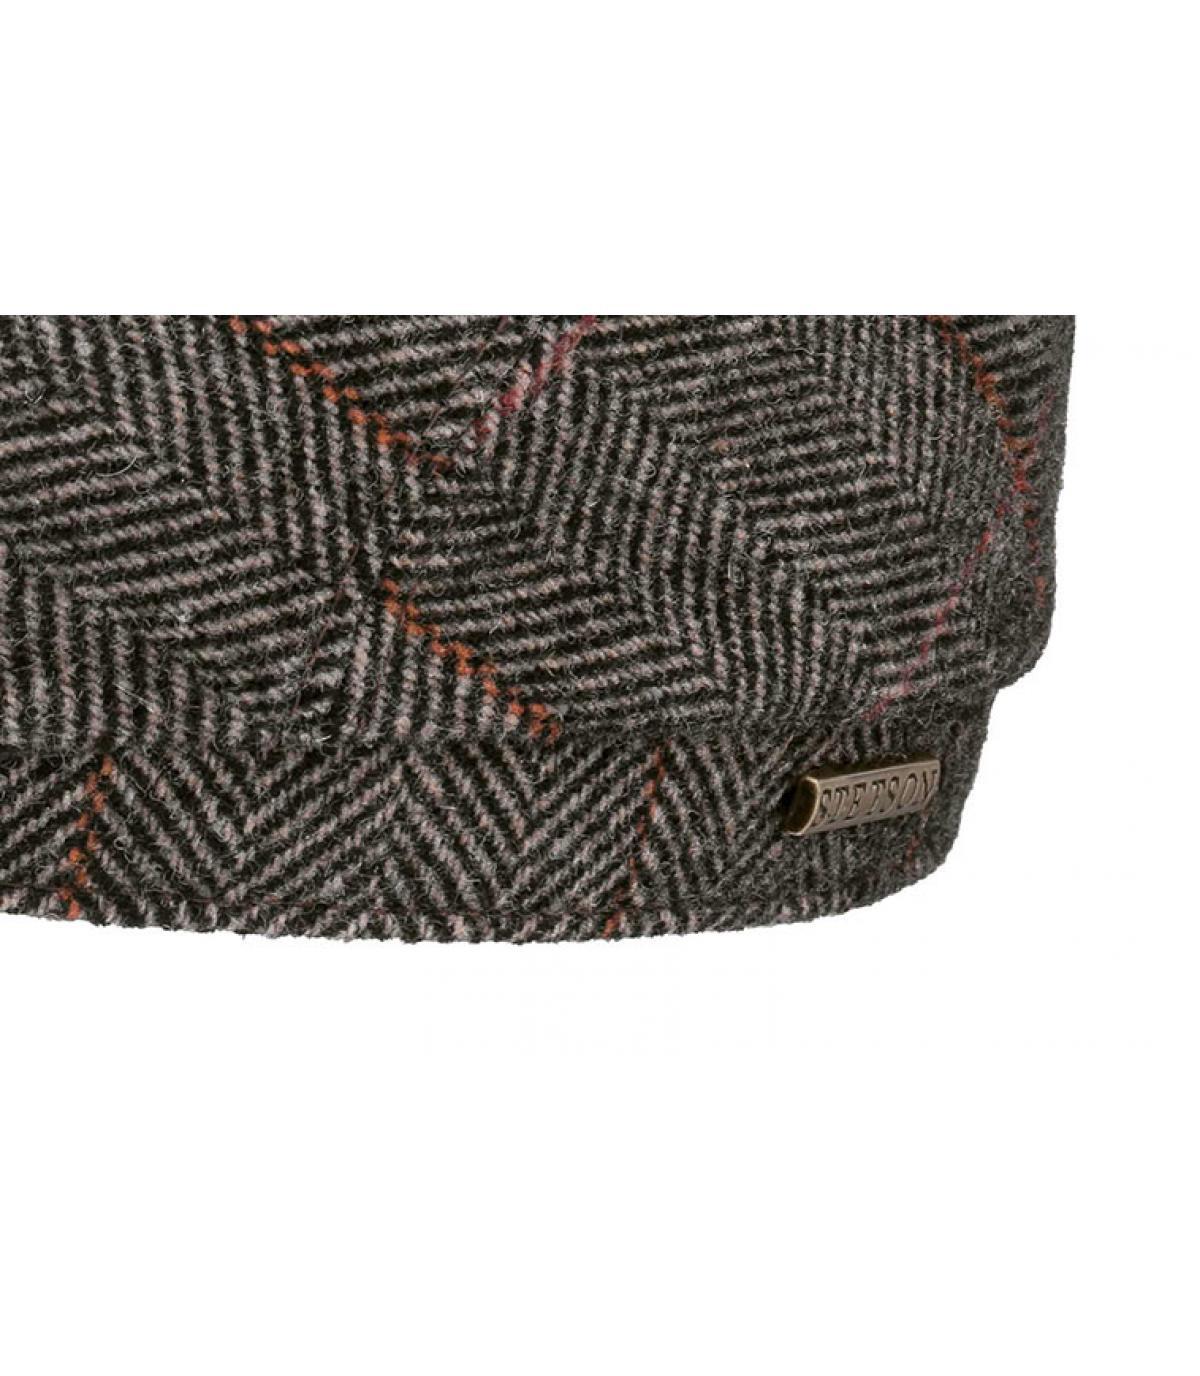 Détails Oregon wool - image 3